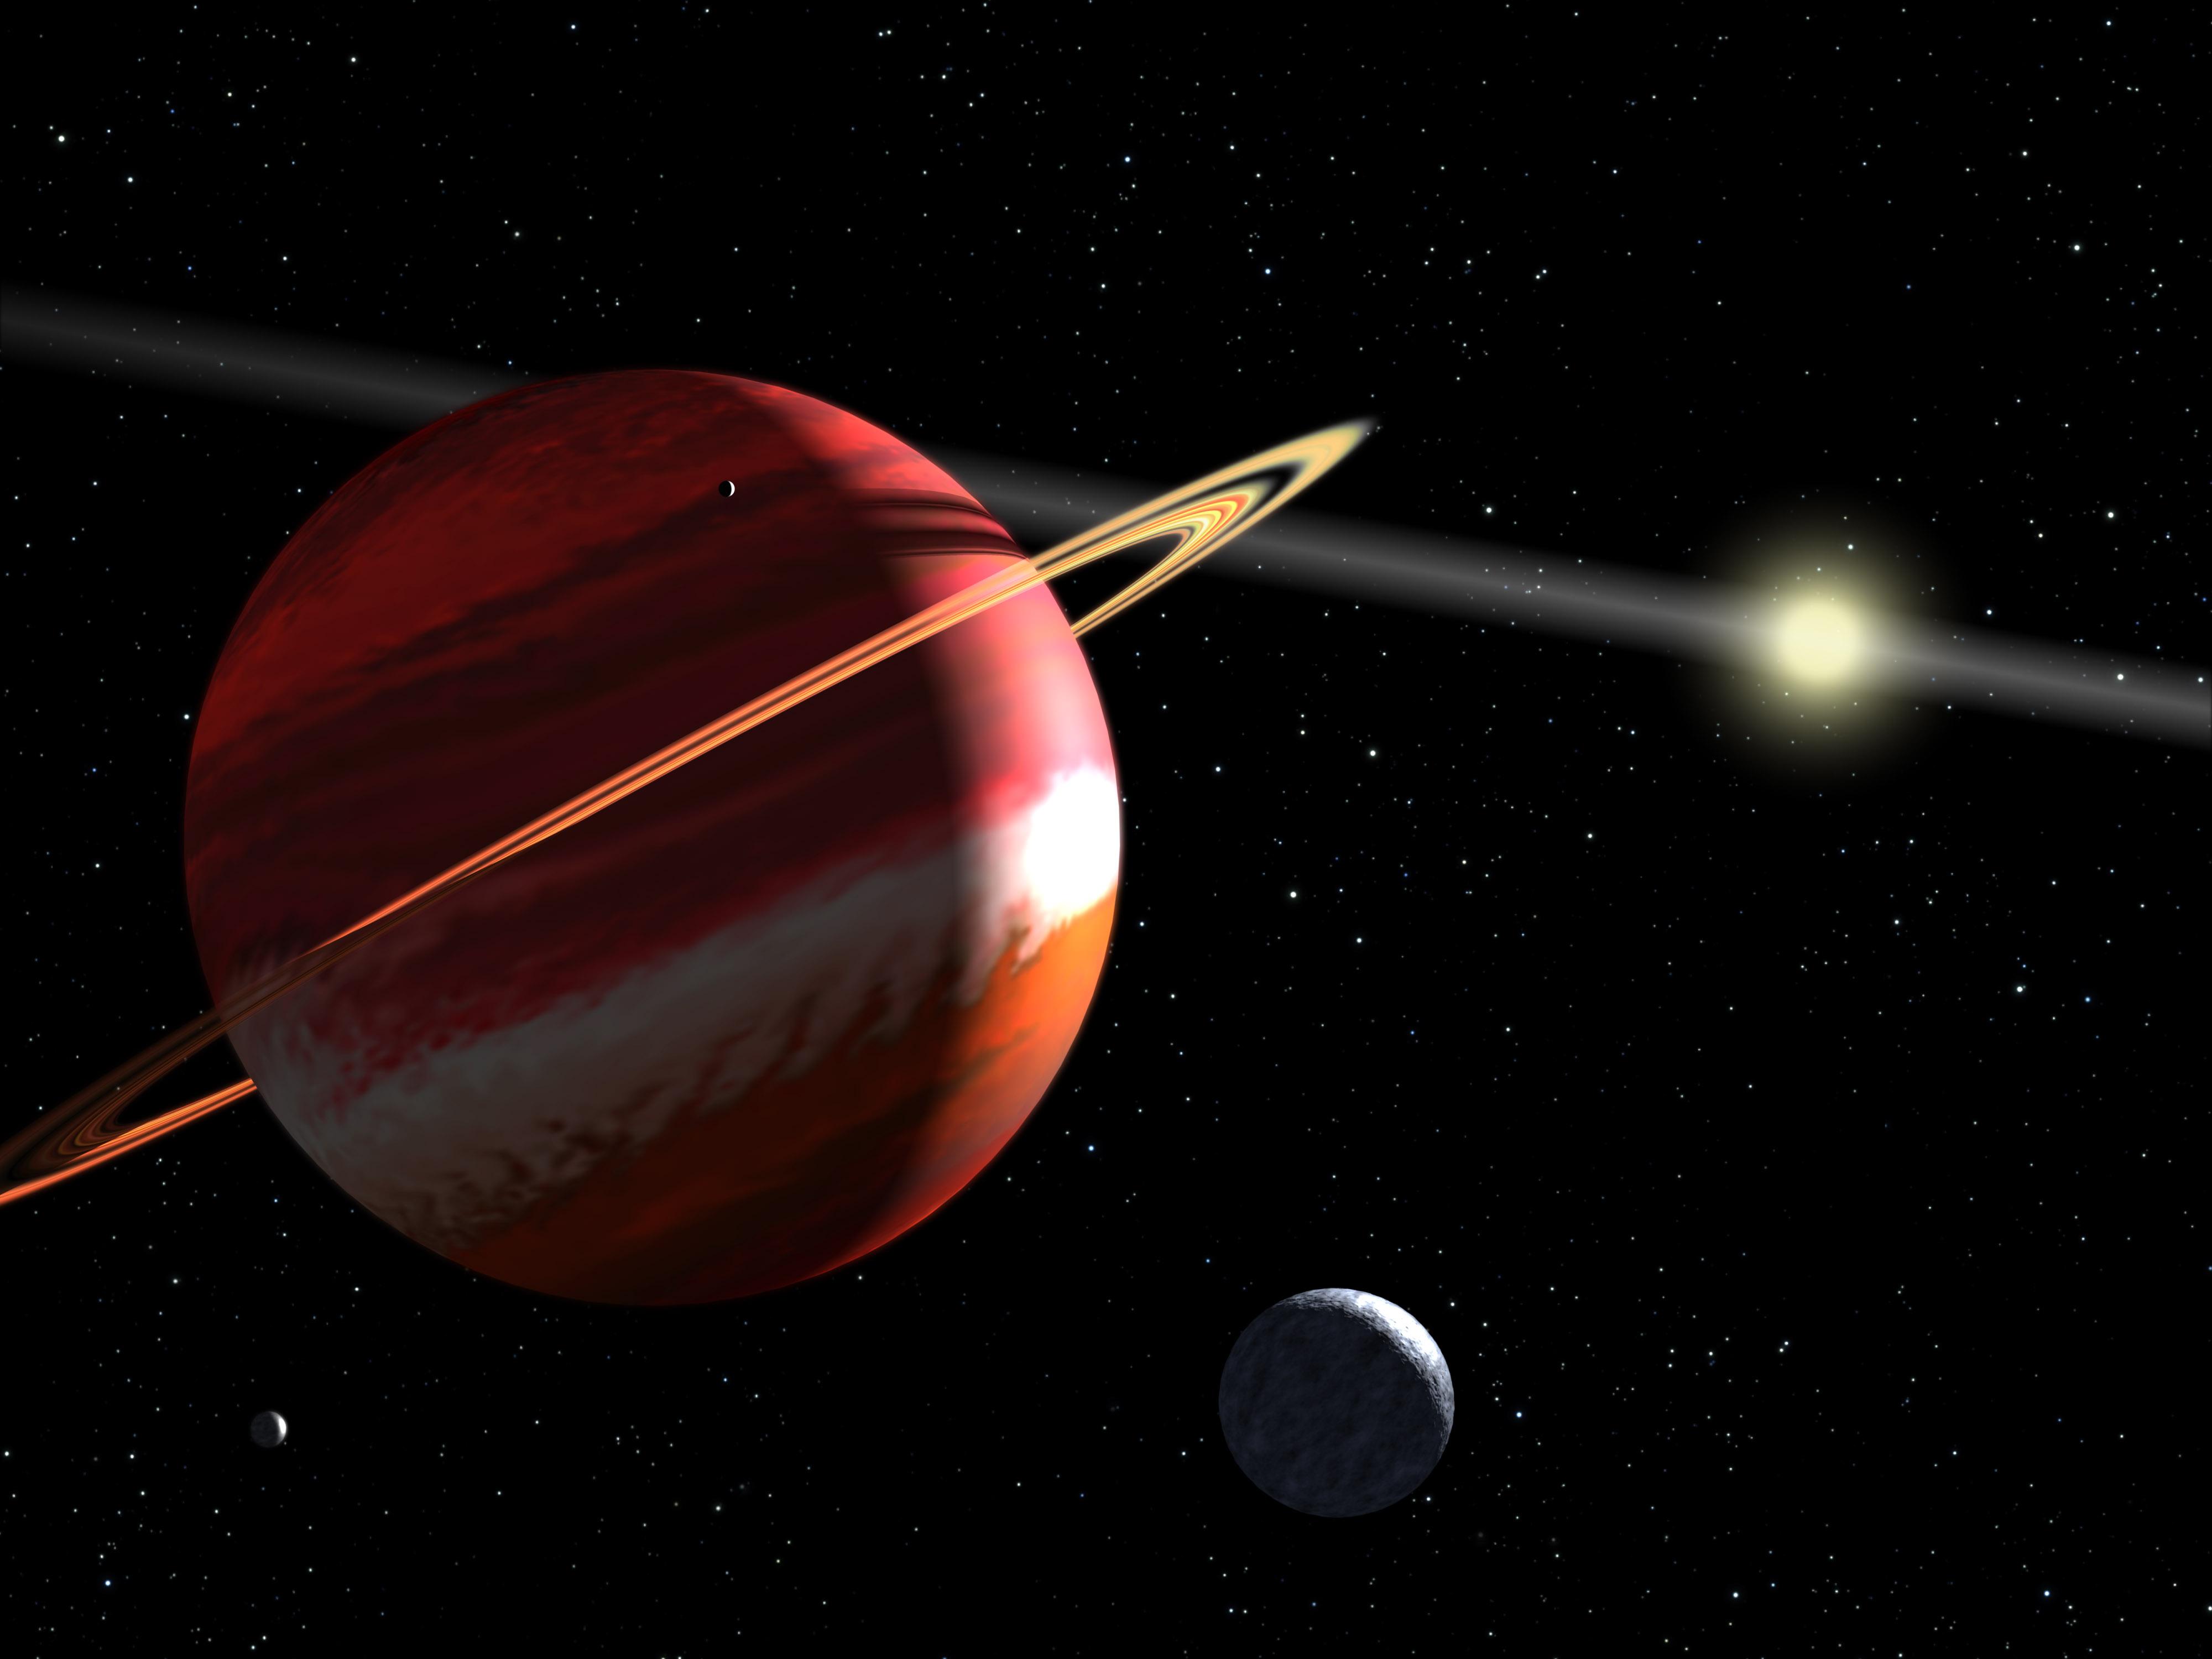 فرق بین سیتاره و سیاره,فرق بین سیتاره و سیاره در چیست,ستاره,سیاره,سیاره چیست,ستاره چیست,سیاره ها,توضیح ستاره ها,ستاره های آسمان,فضا,توضیحات راجب فضا